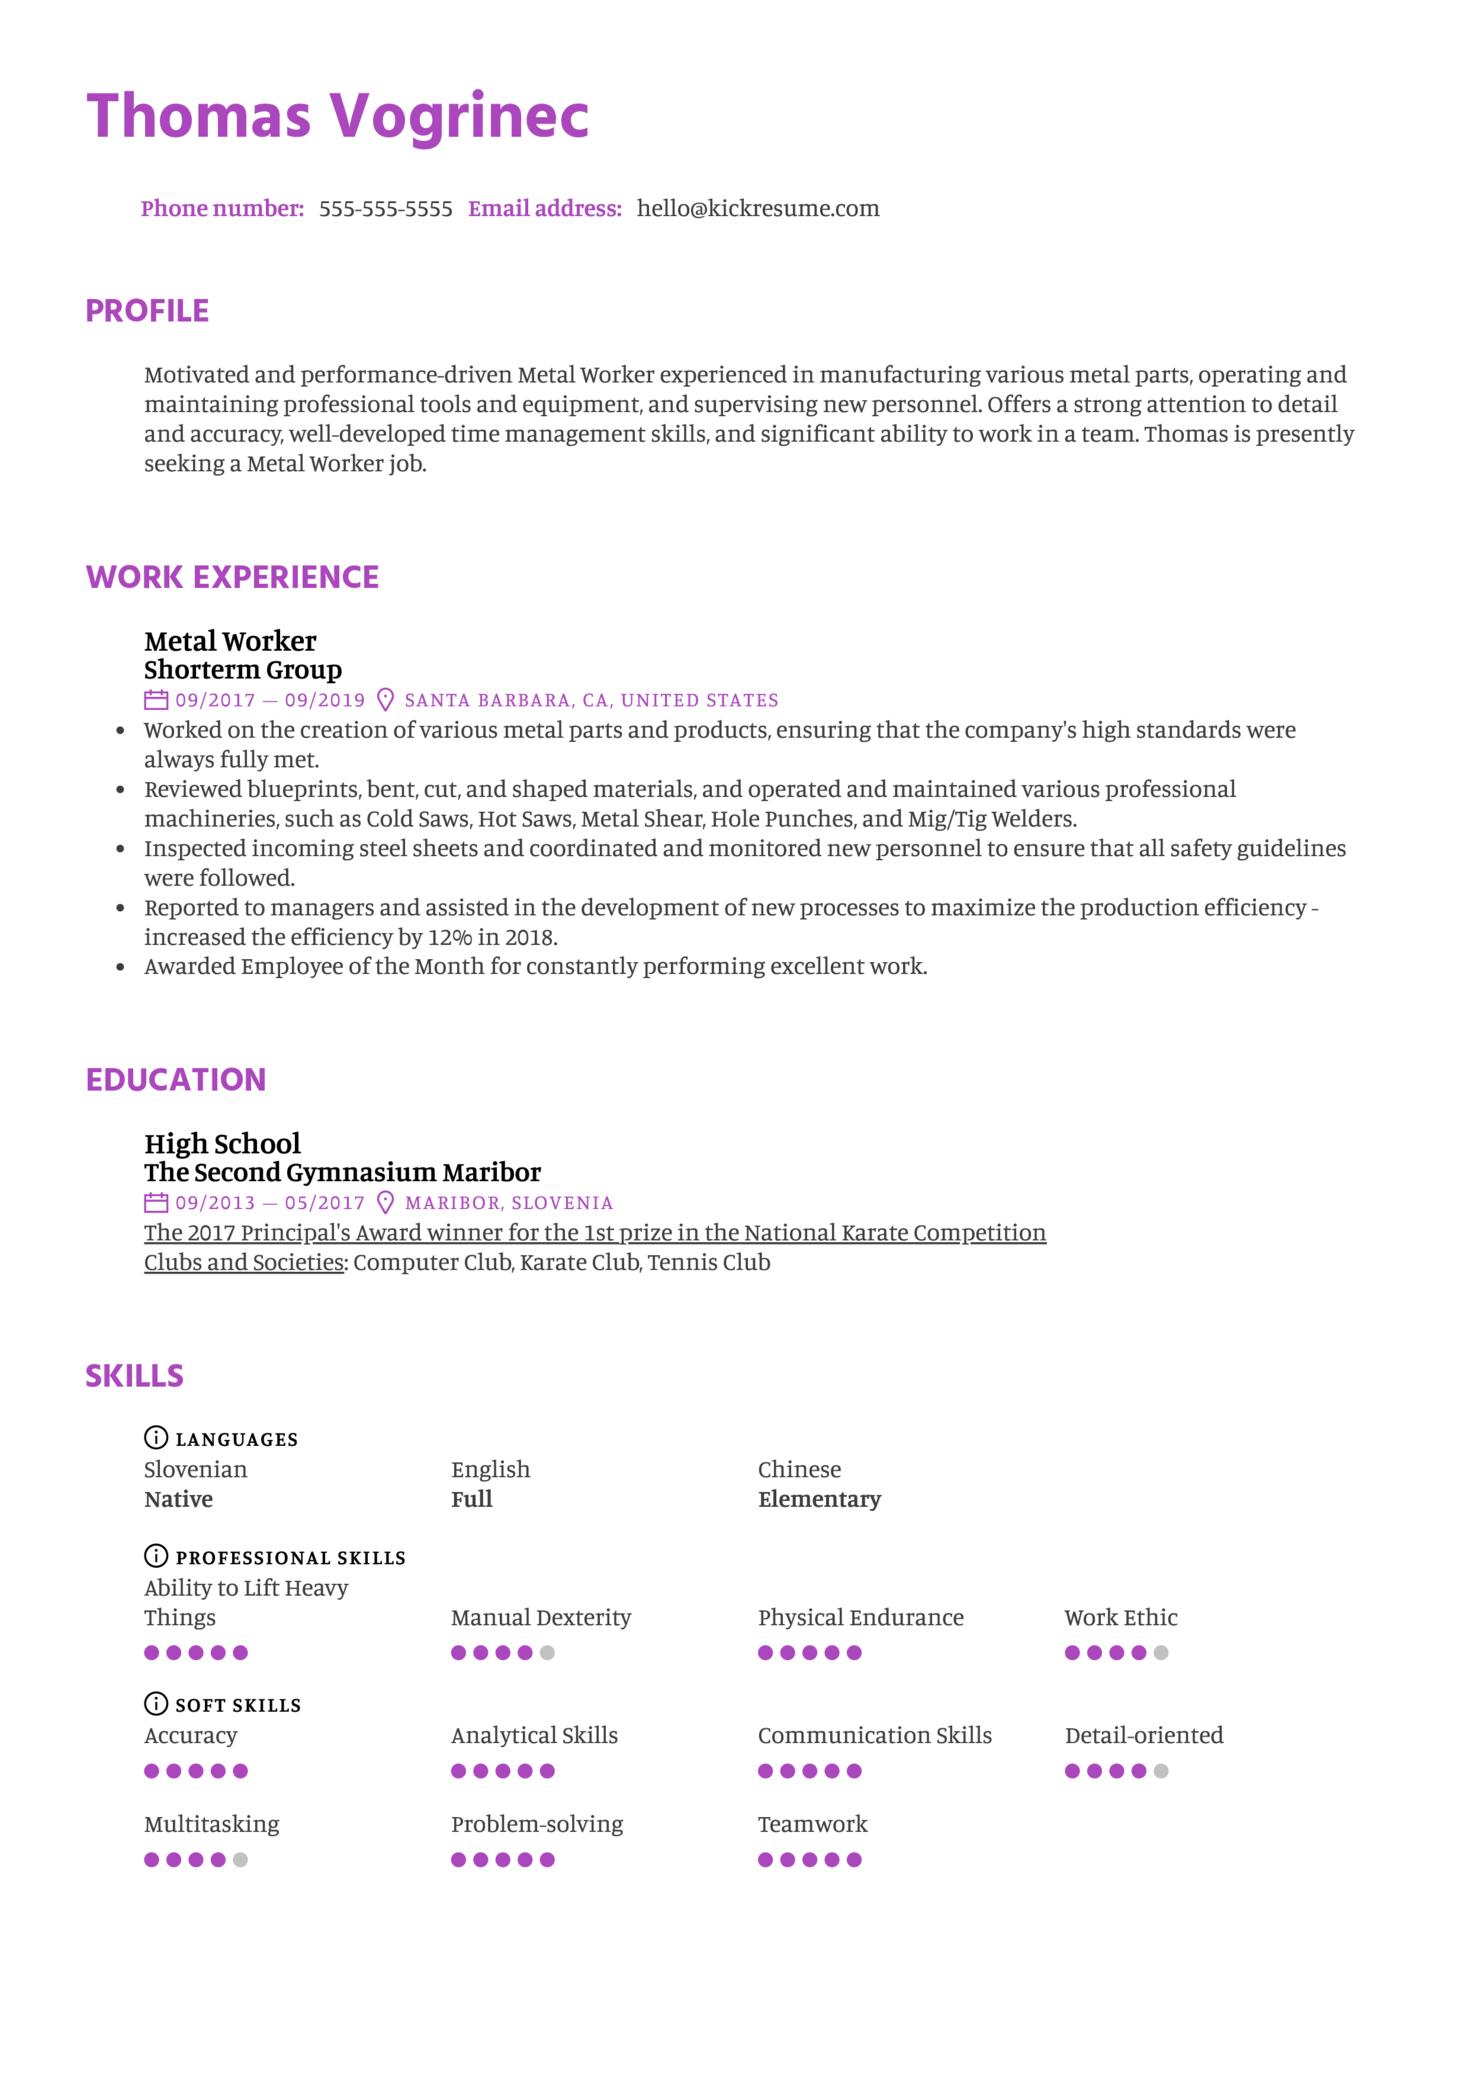 Metal Worker Resume Example (parte 1)